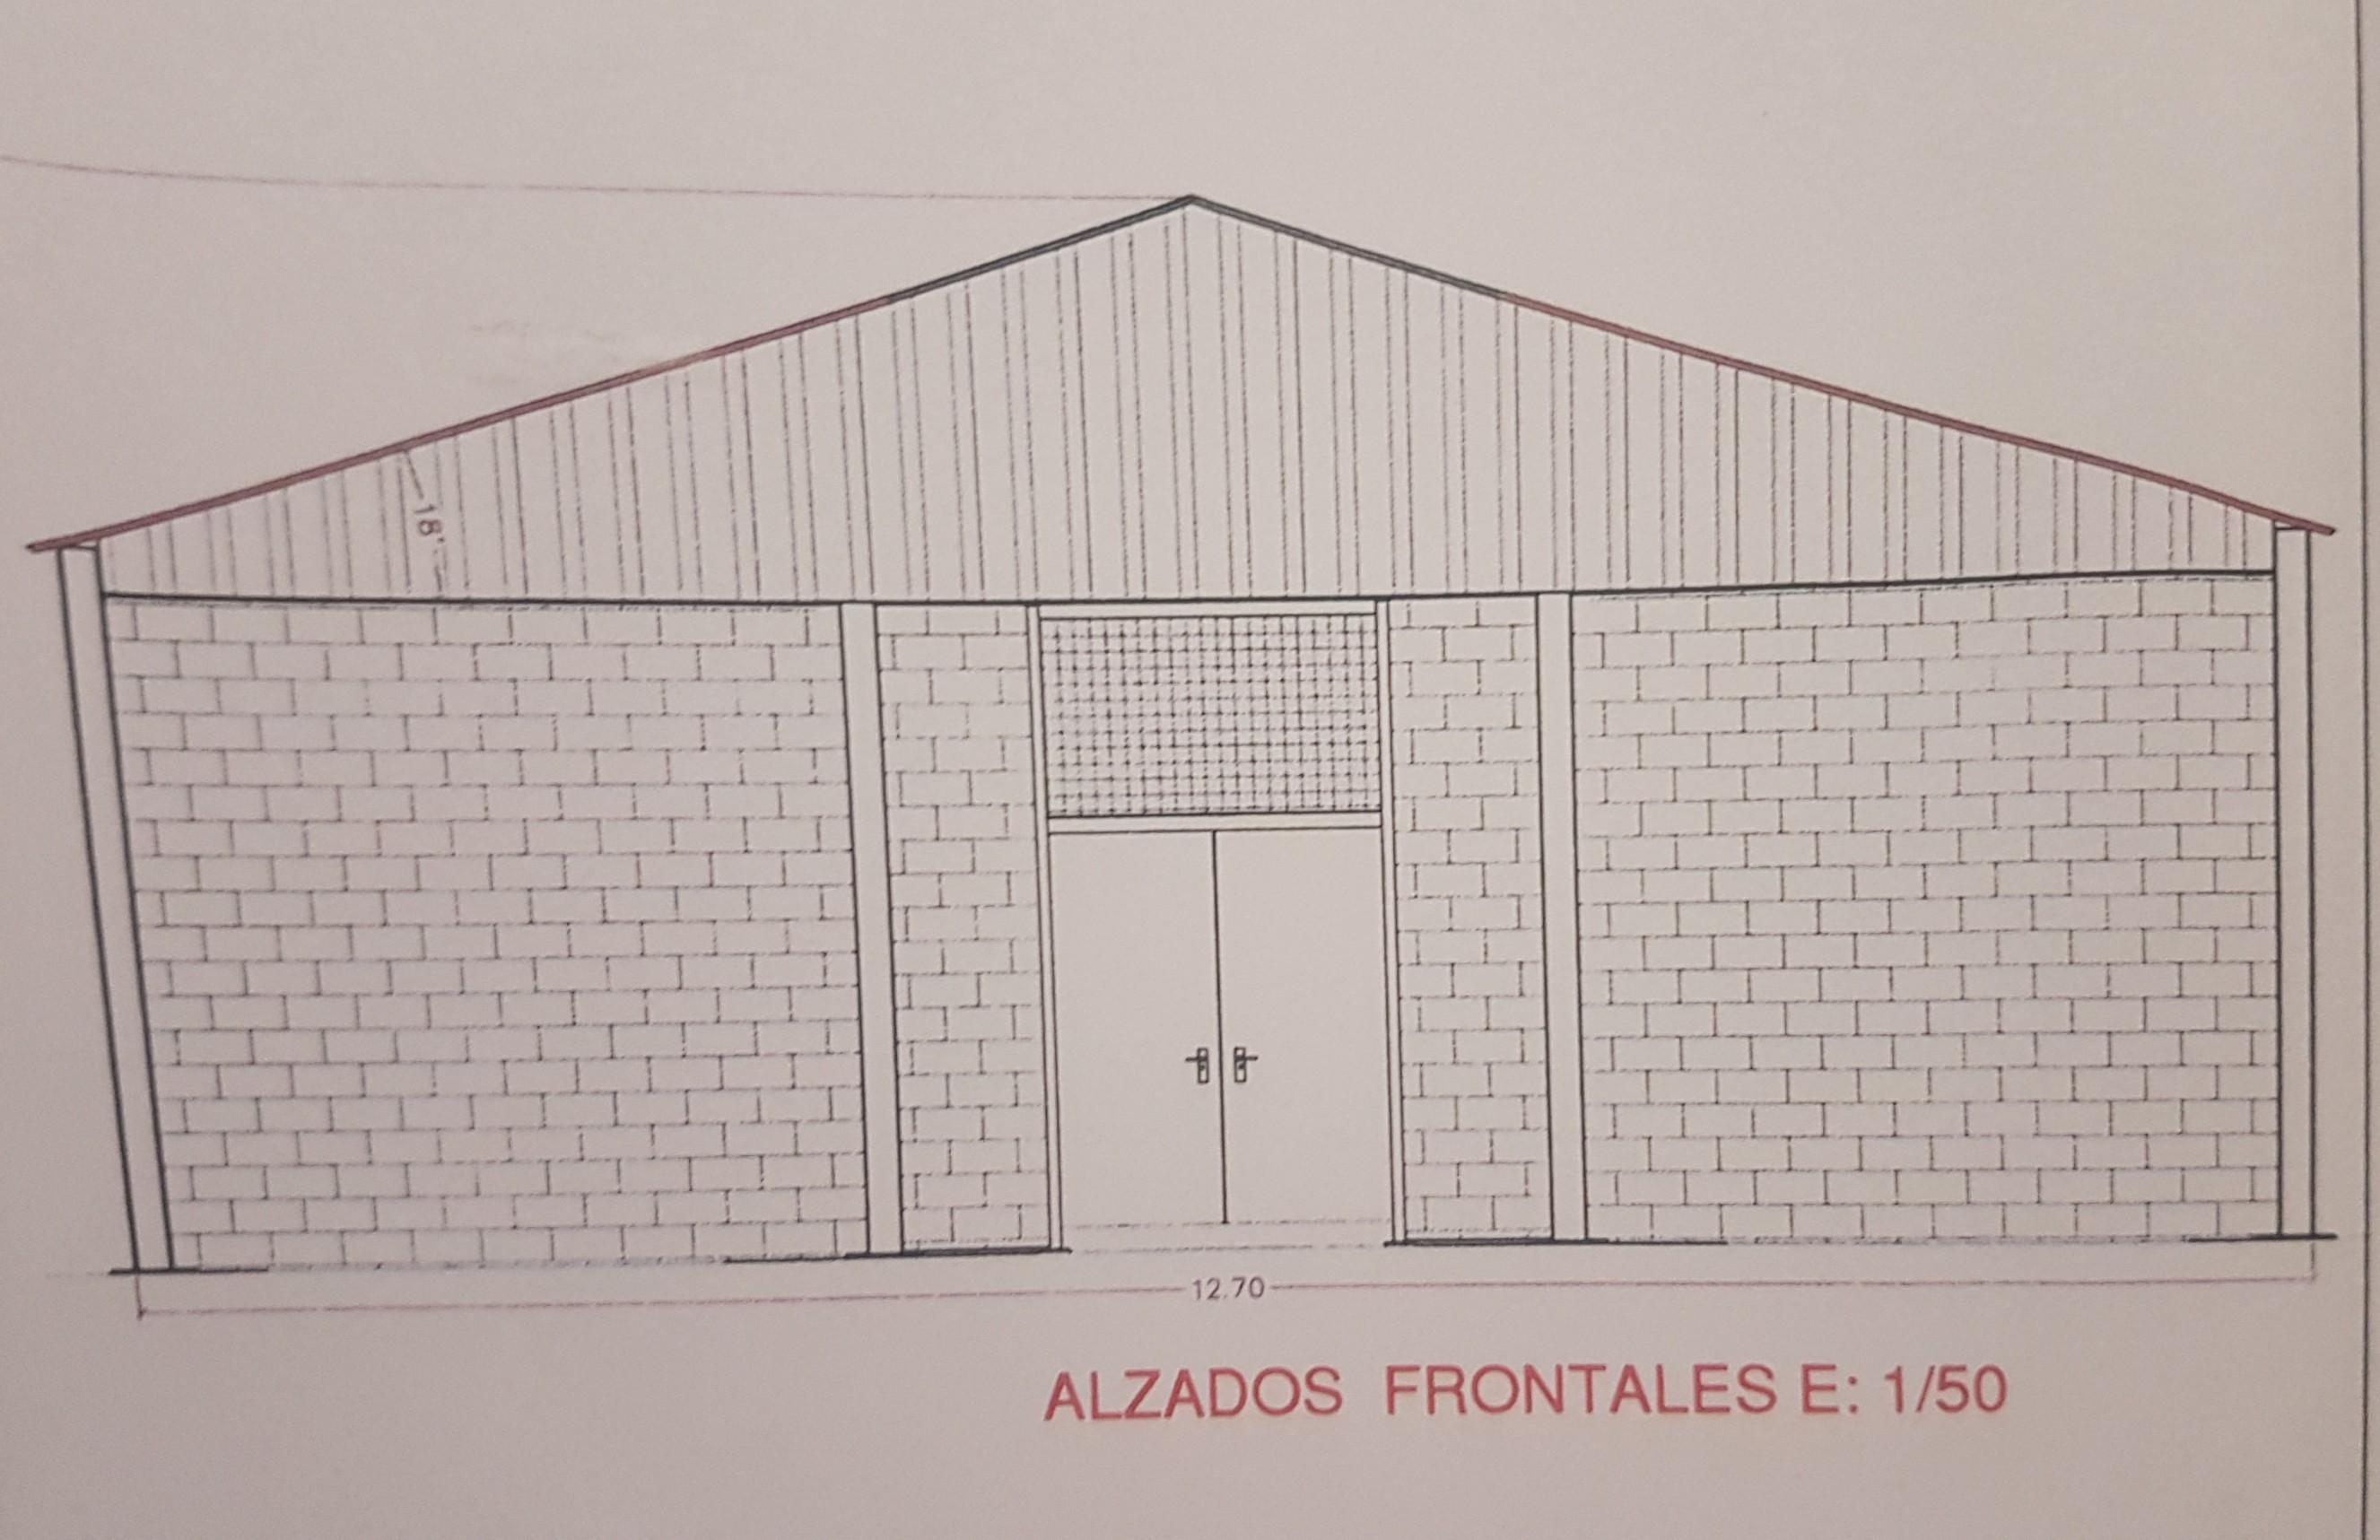 El Ayuntamiento con fondos propios junto con el CEIPSO Eugenio Muro están realizando obras en el edificio de primaria para la construcci³n de una pista